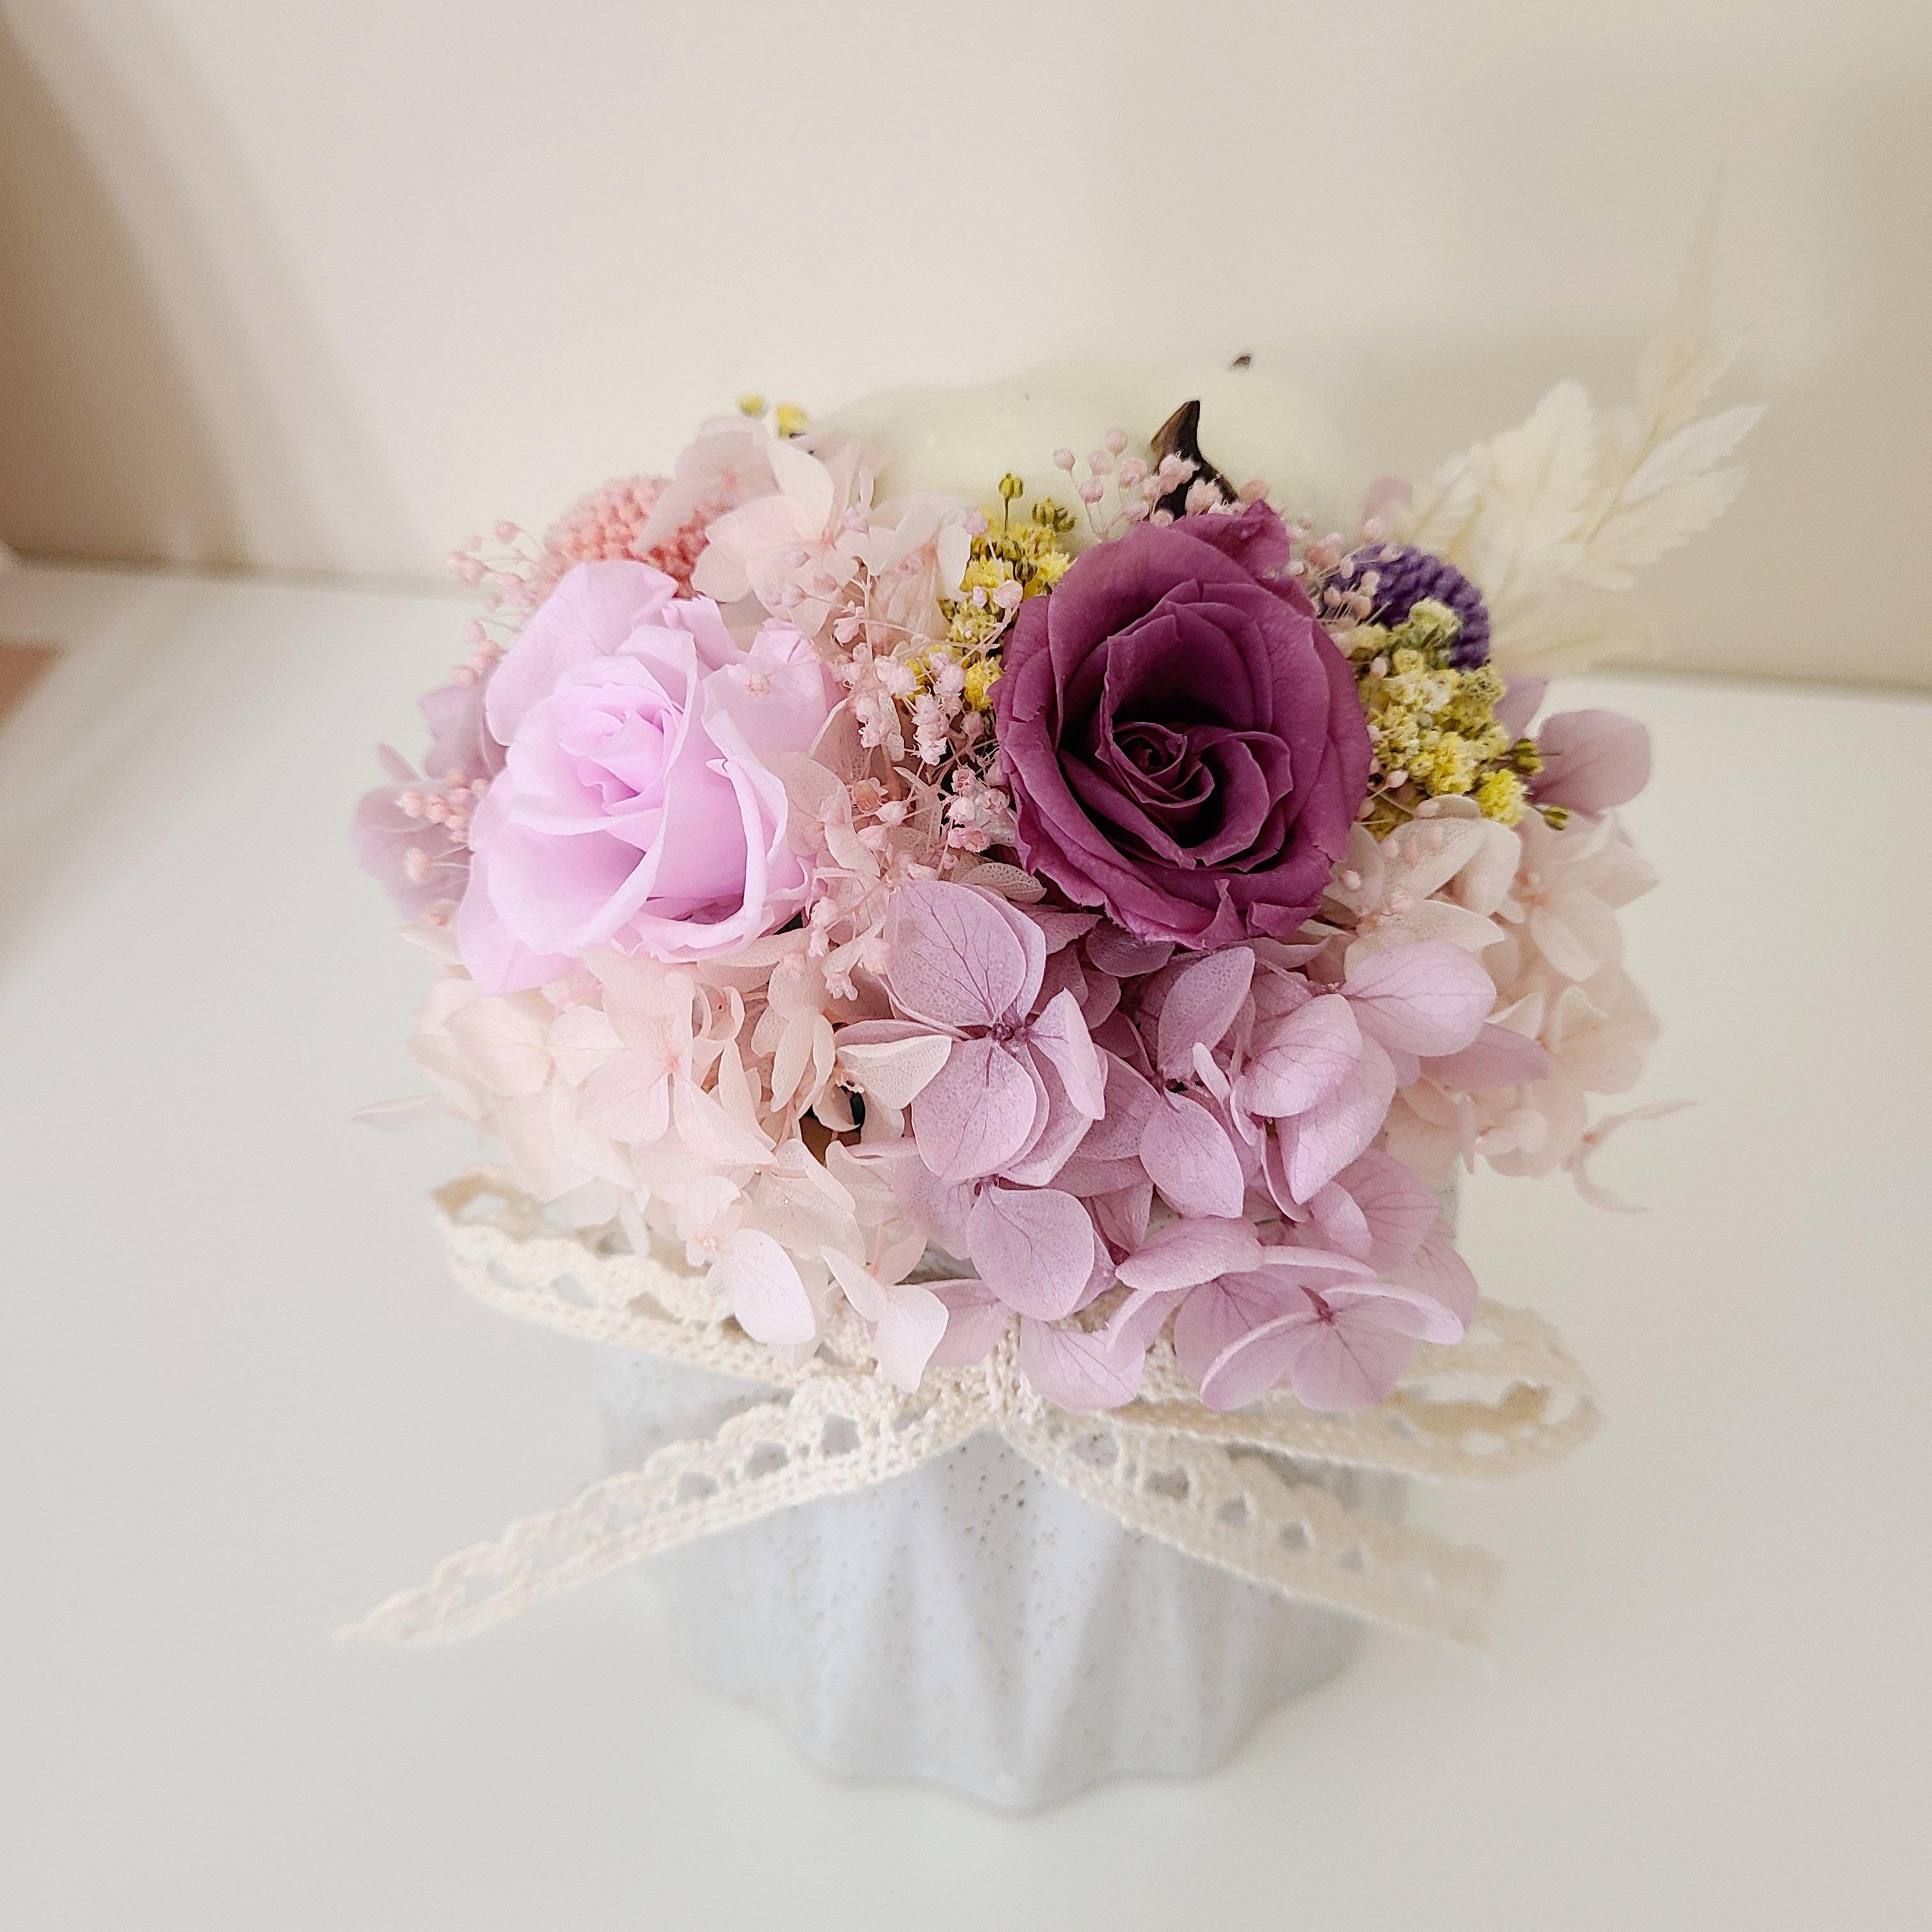 Ming乾燥花手作小物 永生花盆栽 居家擺設 花盆 禮物 永生玫瑰花 繡球花